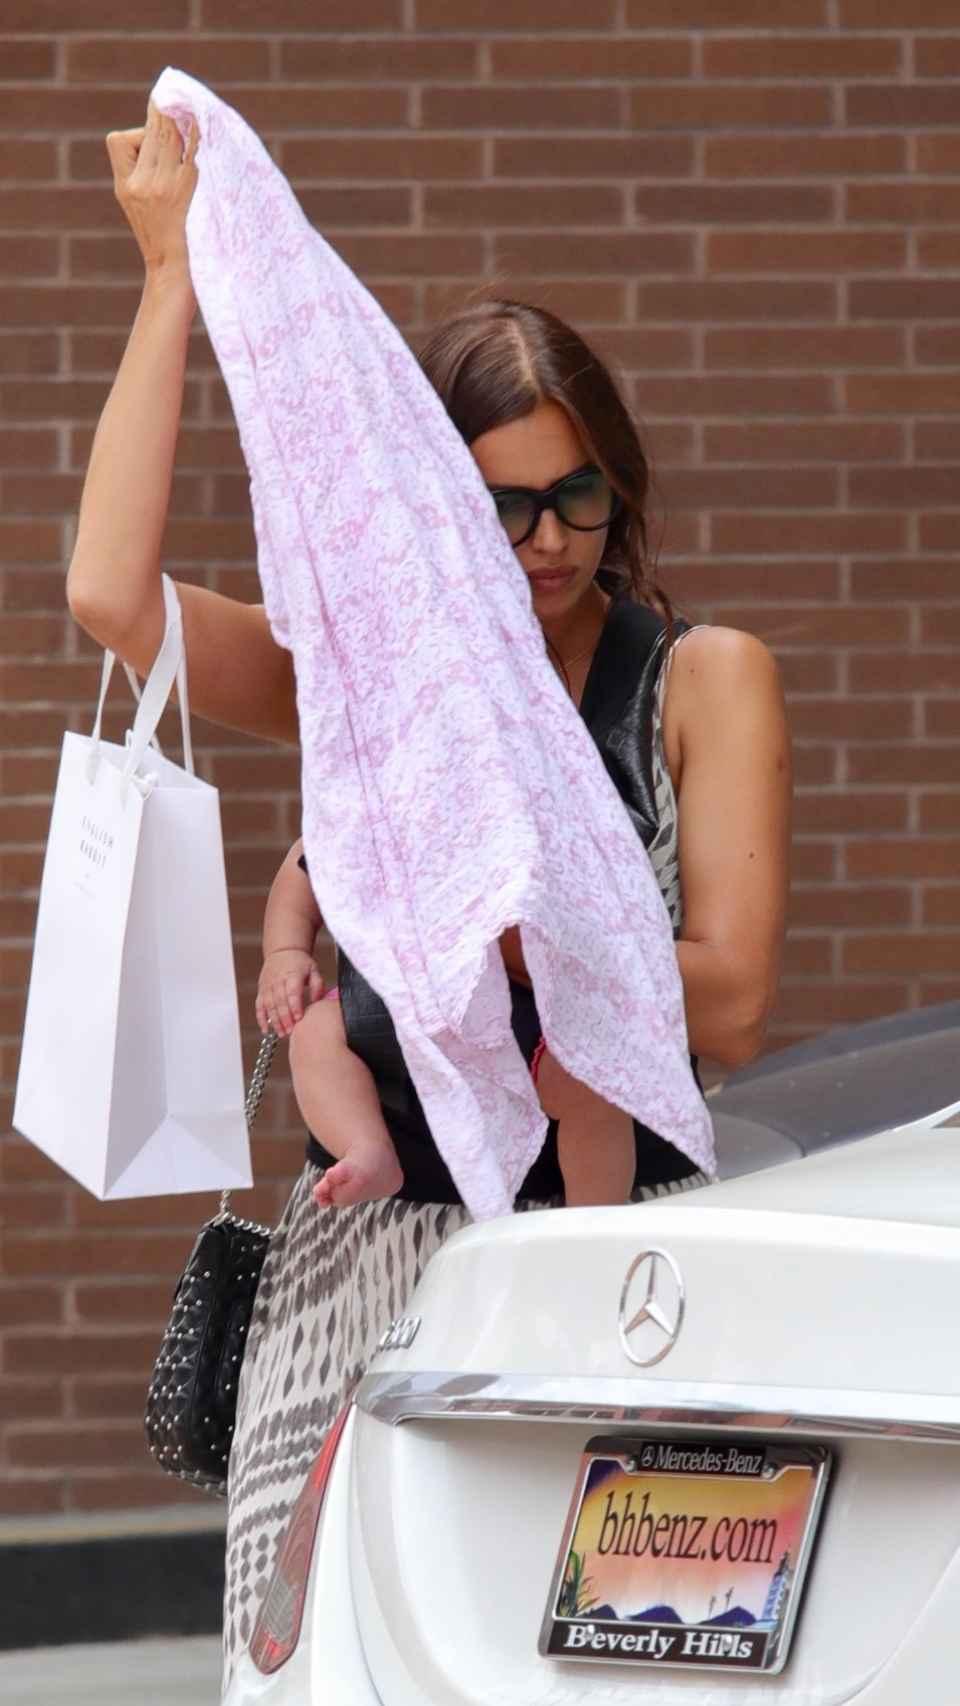 La maniquí tratando de ocultar el rostro de su hija.